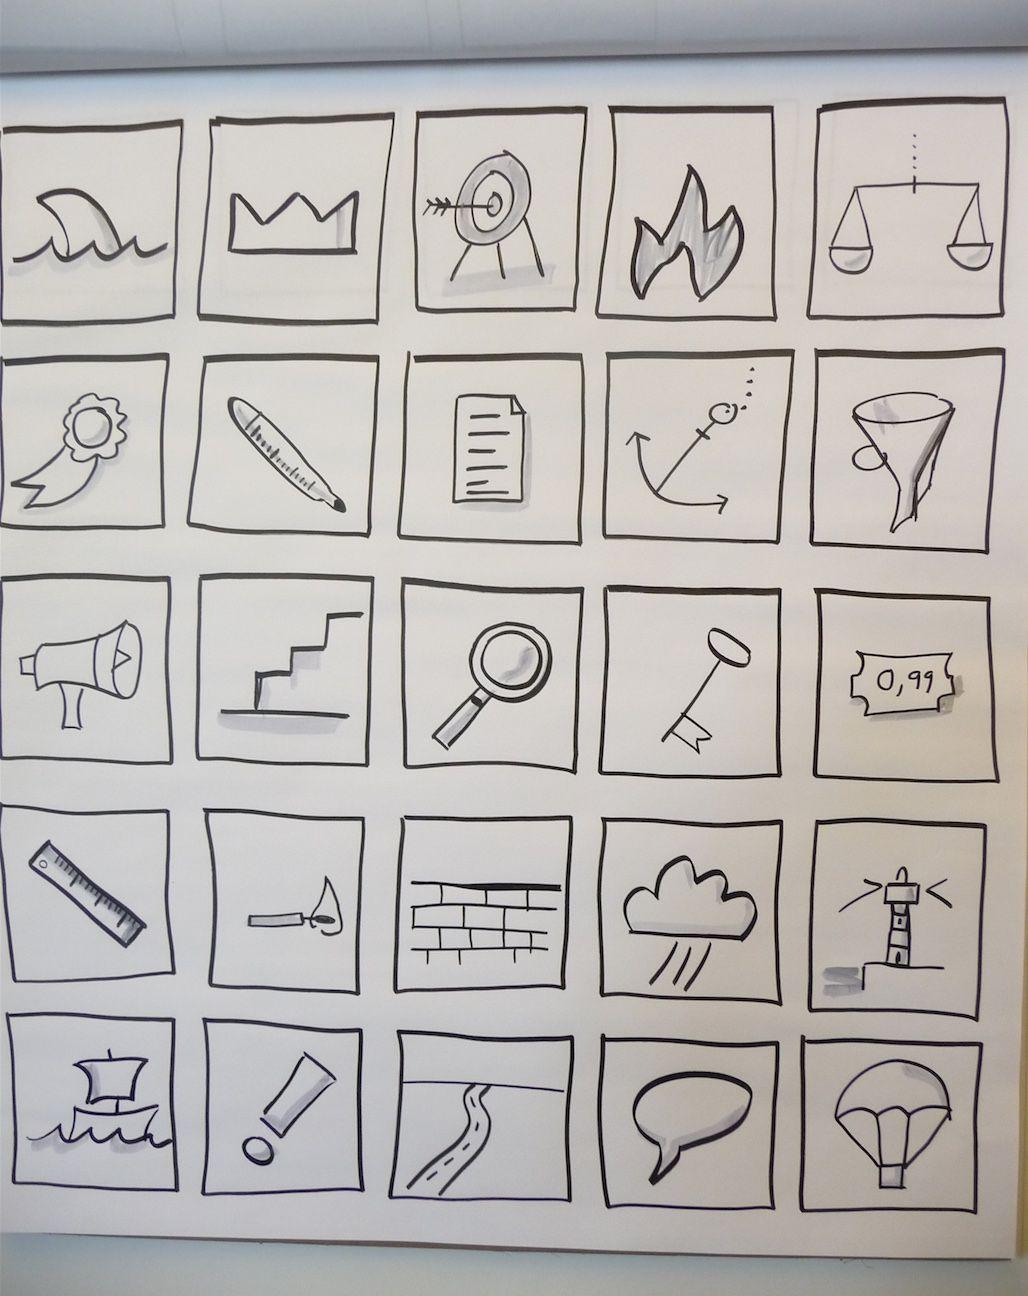 блюда картинки с пиктограммами другая история, ней